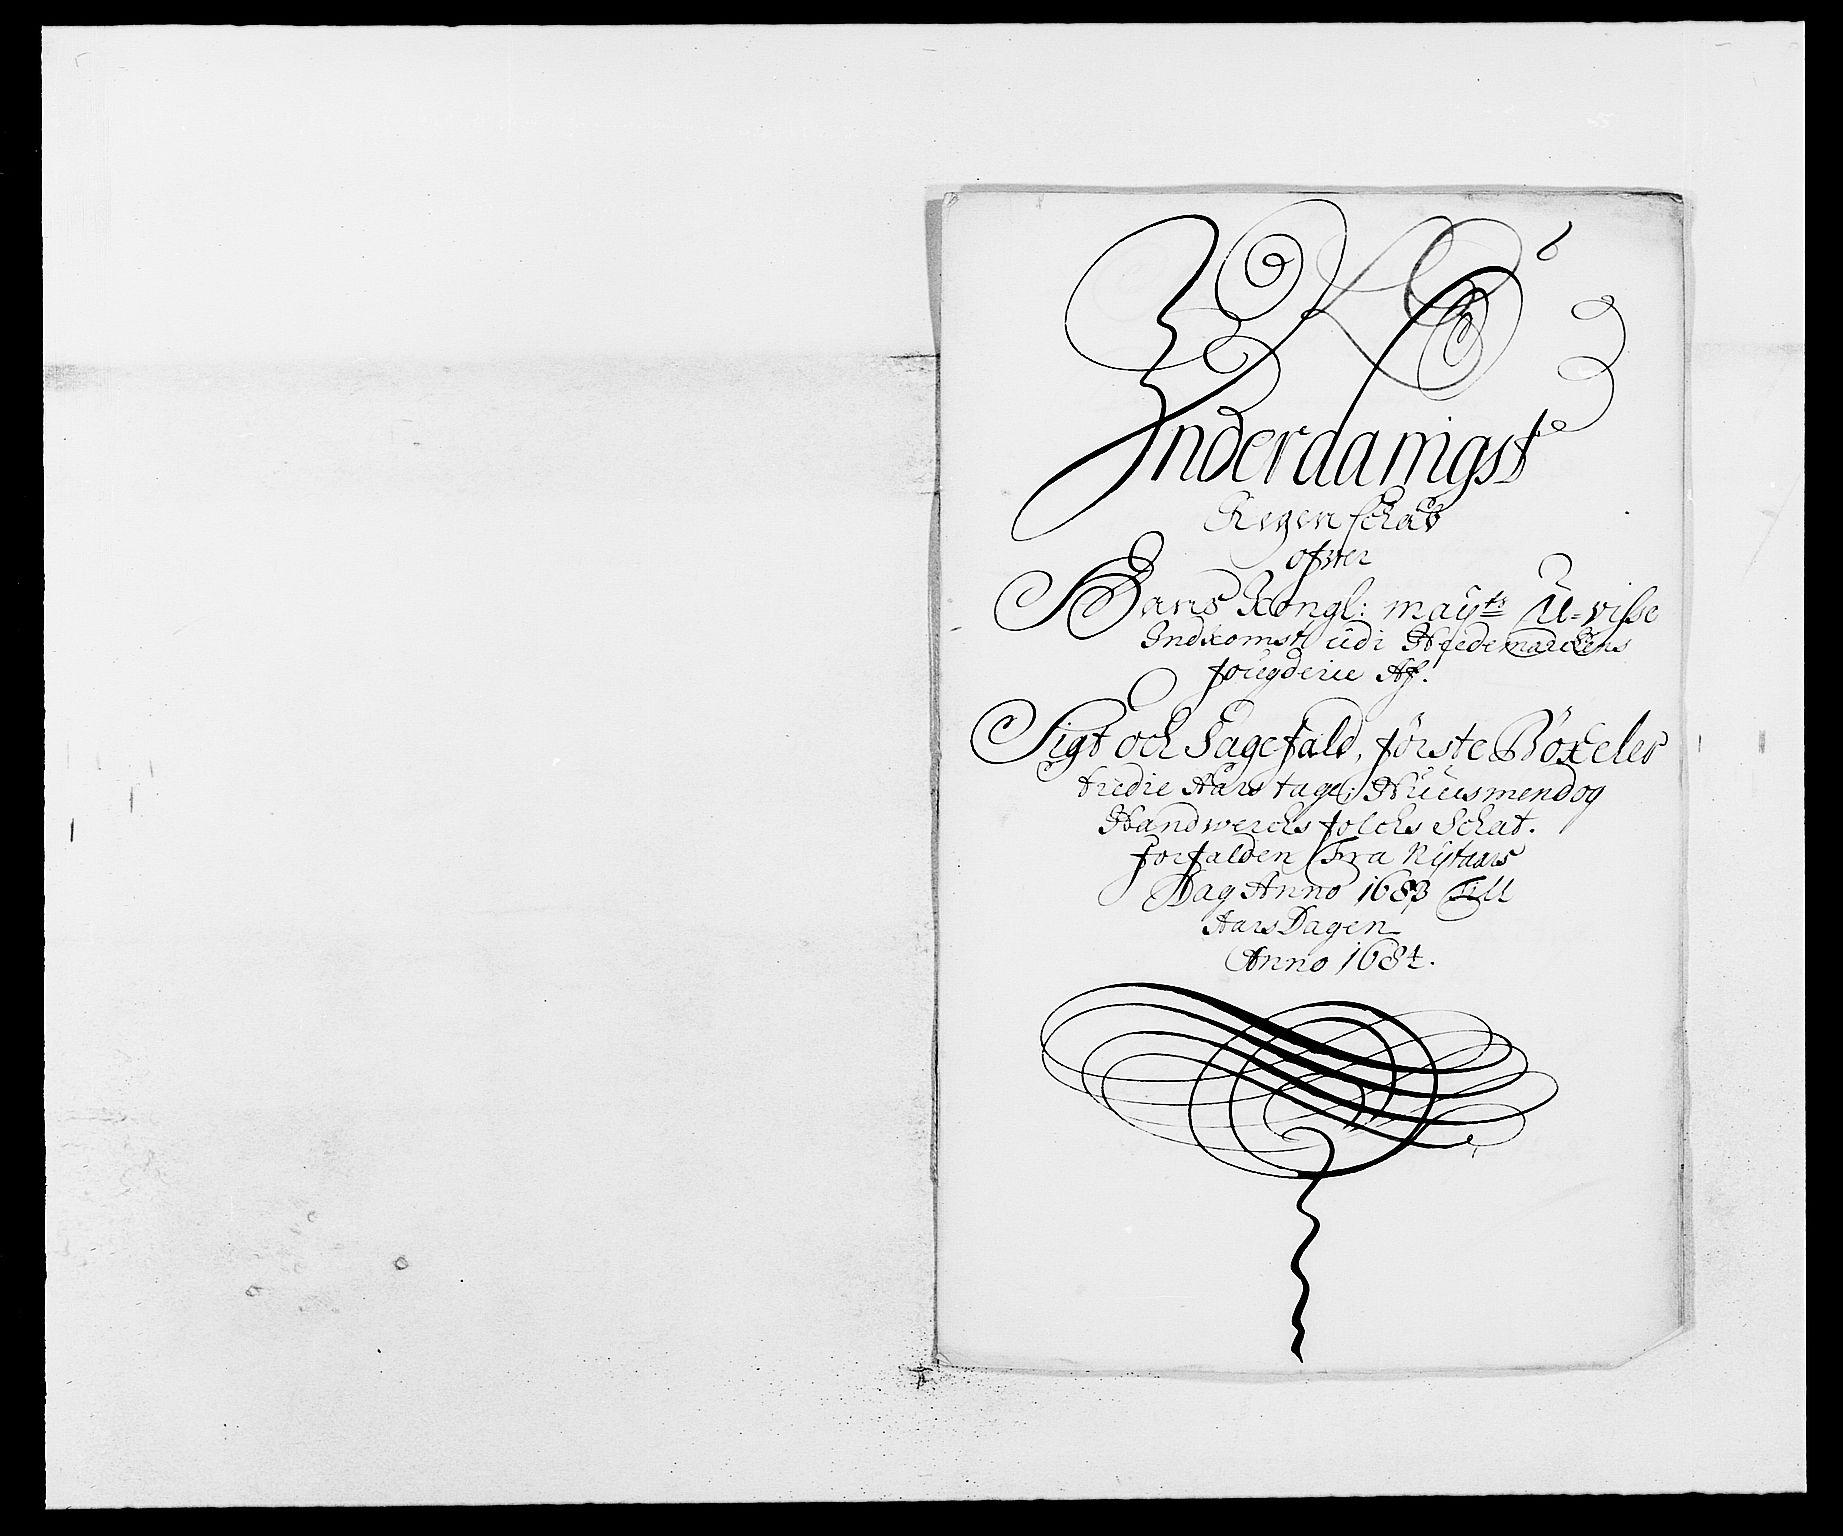 RA, Rentekammeret inntil 1814, Reviderte regnskaper, Fogderegnskap, R16/L1024: Fogderegnskap Hedmark, 1683, s. 152